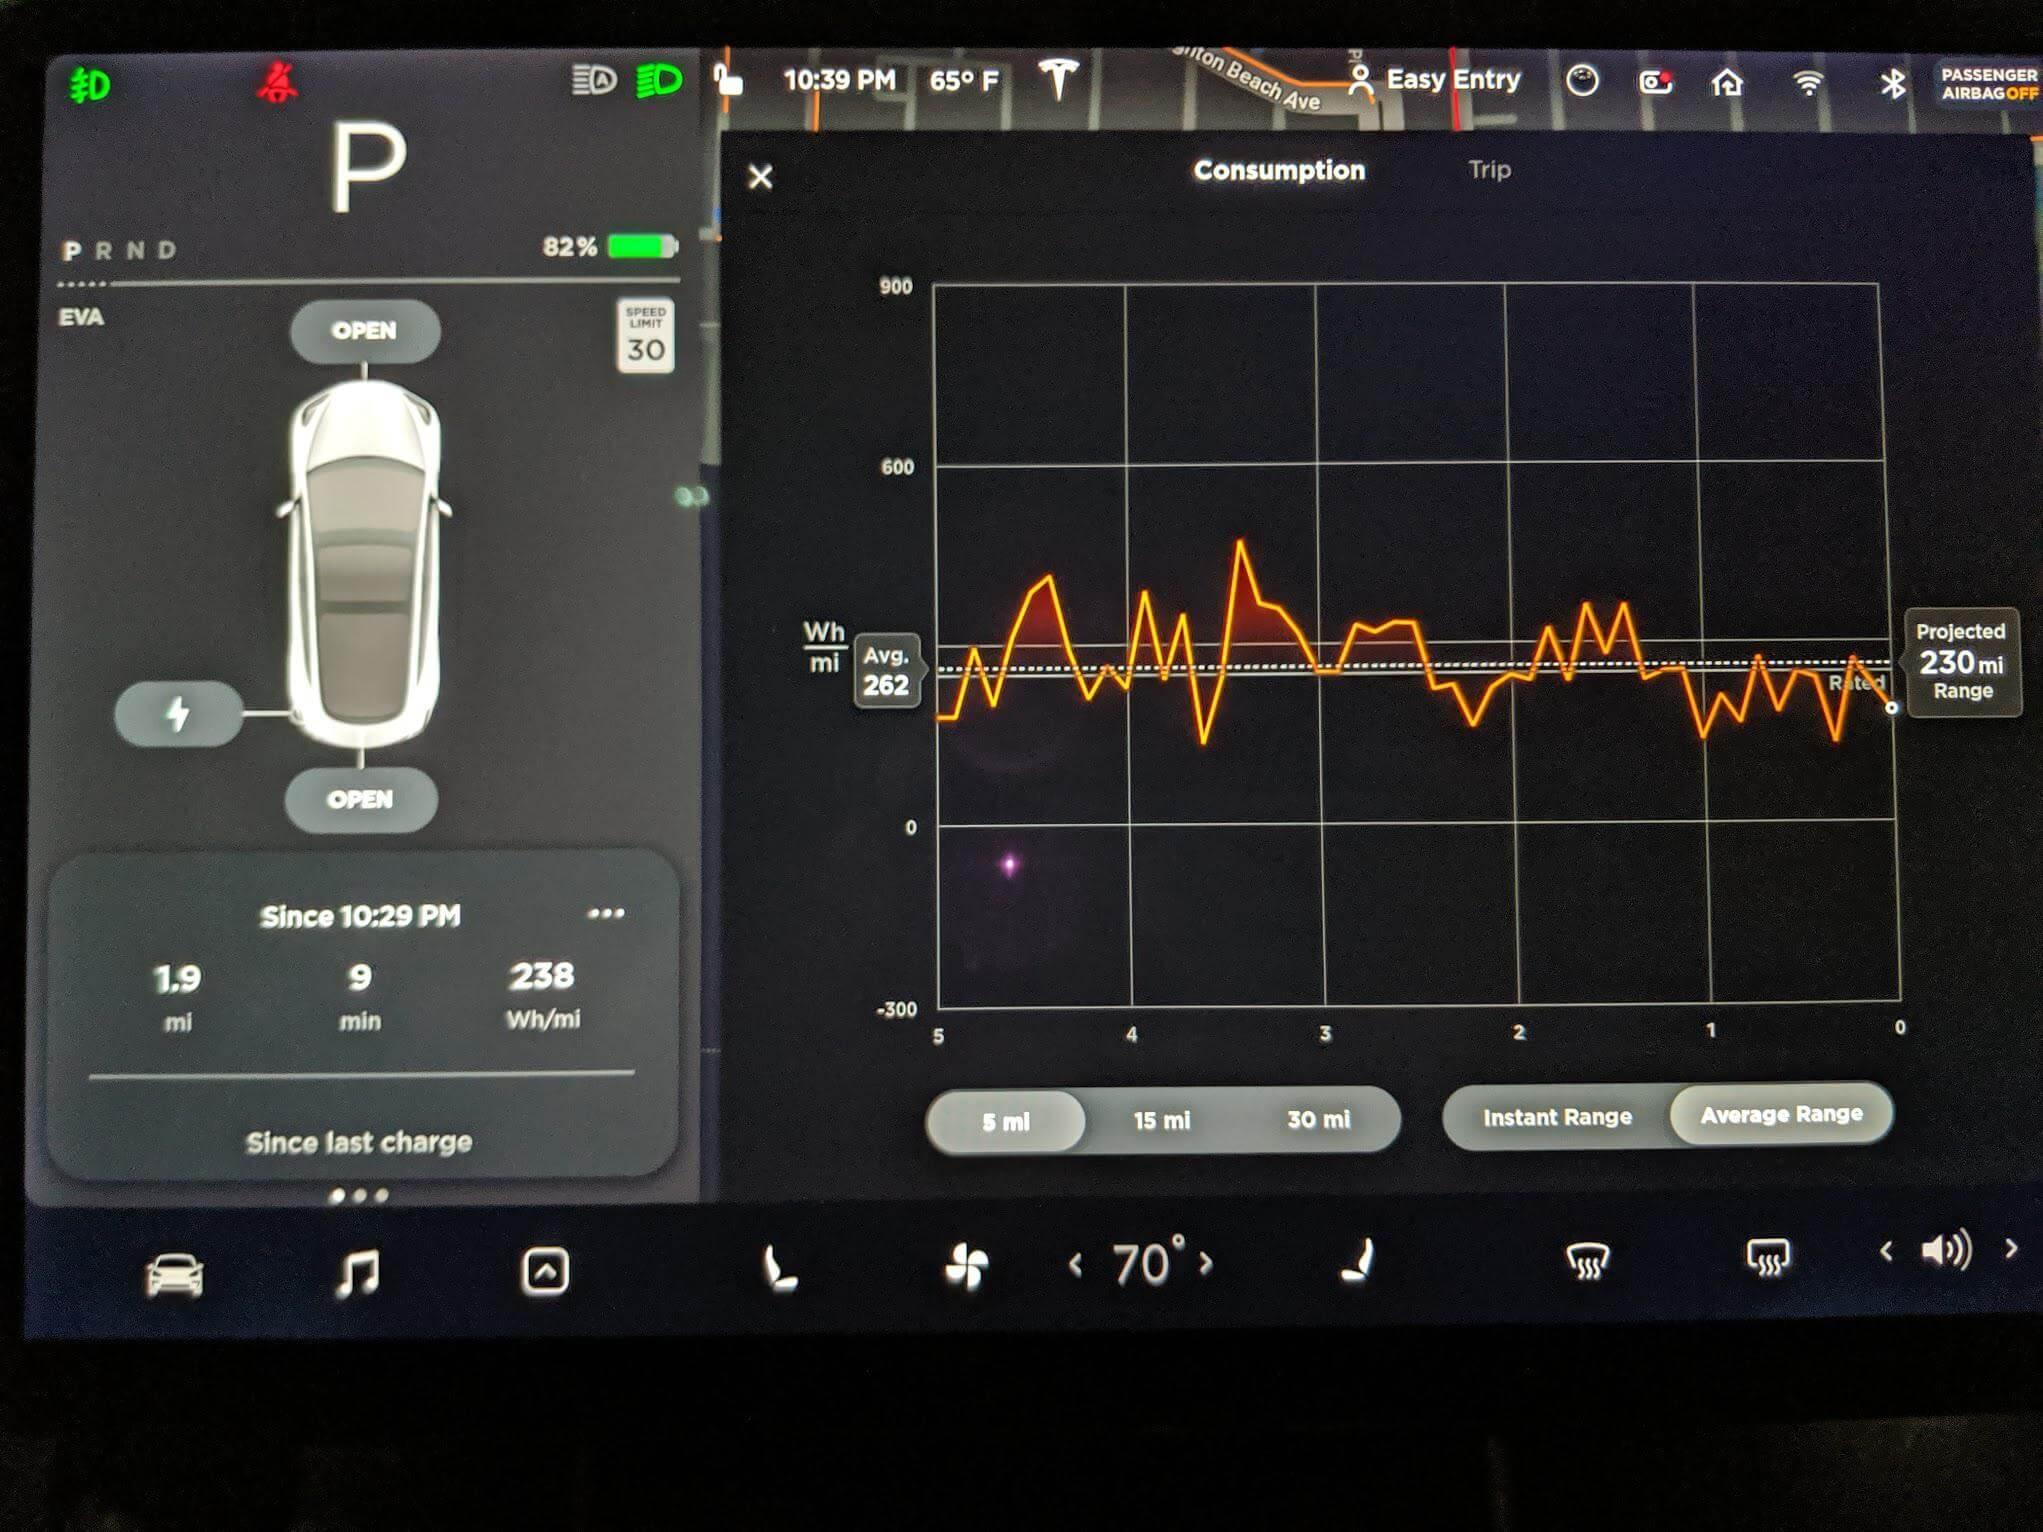 Tesla экономичнее обычной машины или все же нет?